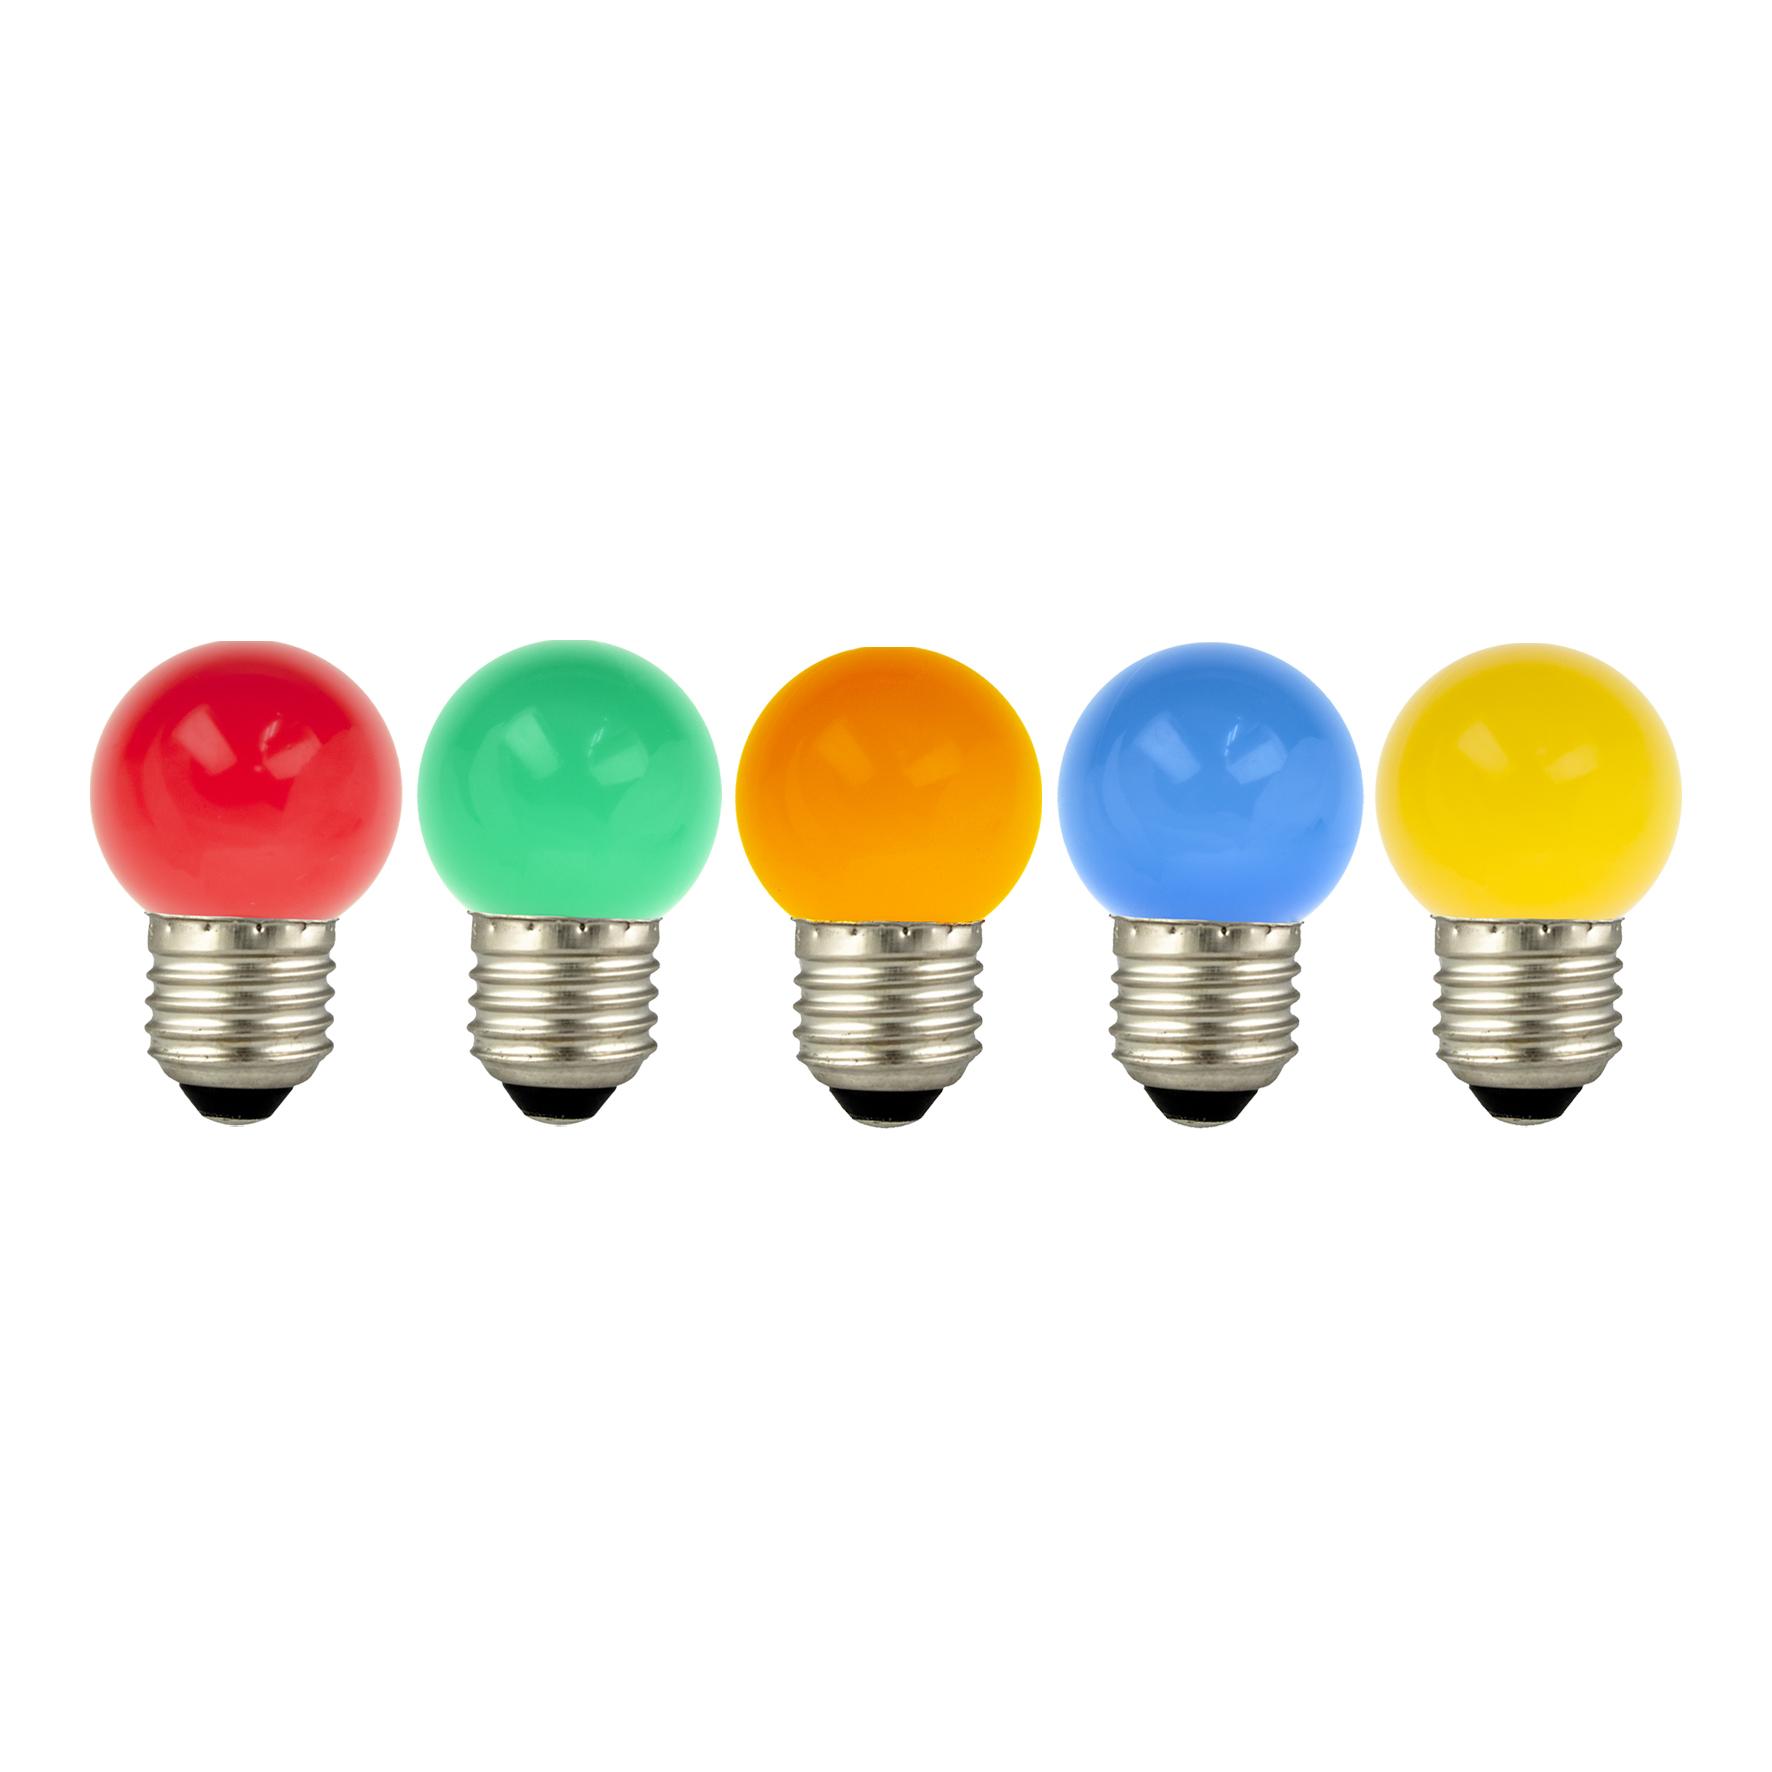 LED Ball E27 G45 220-240V 1W 2800K